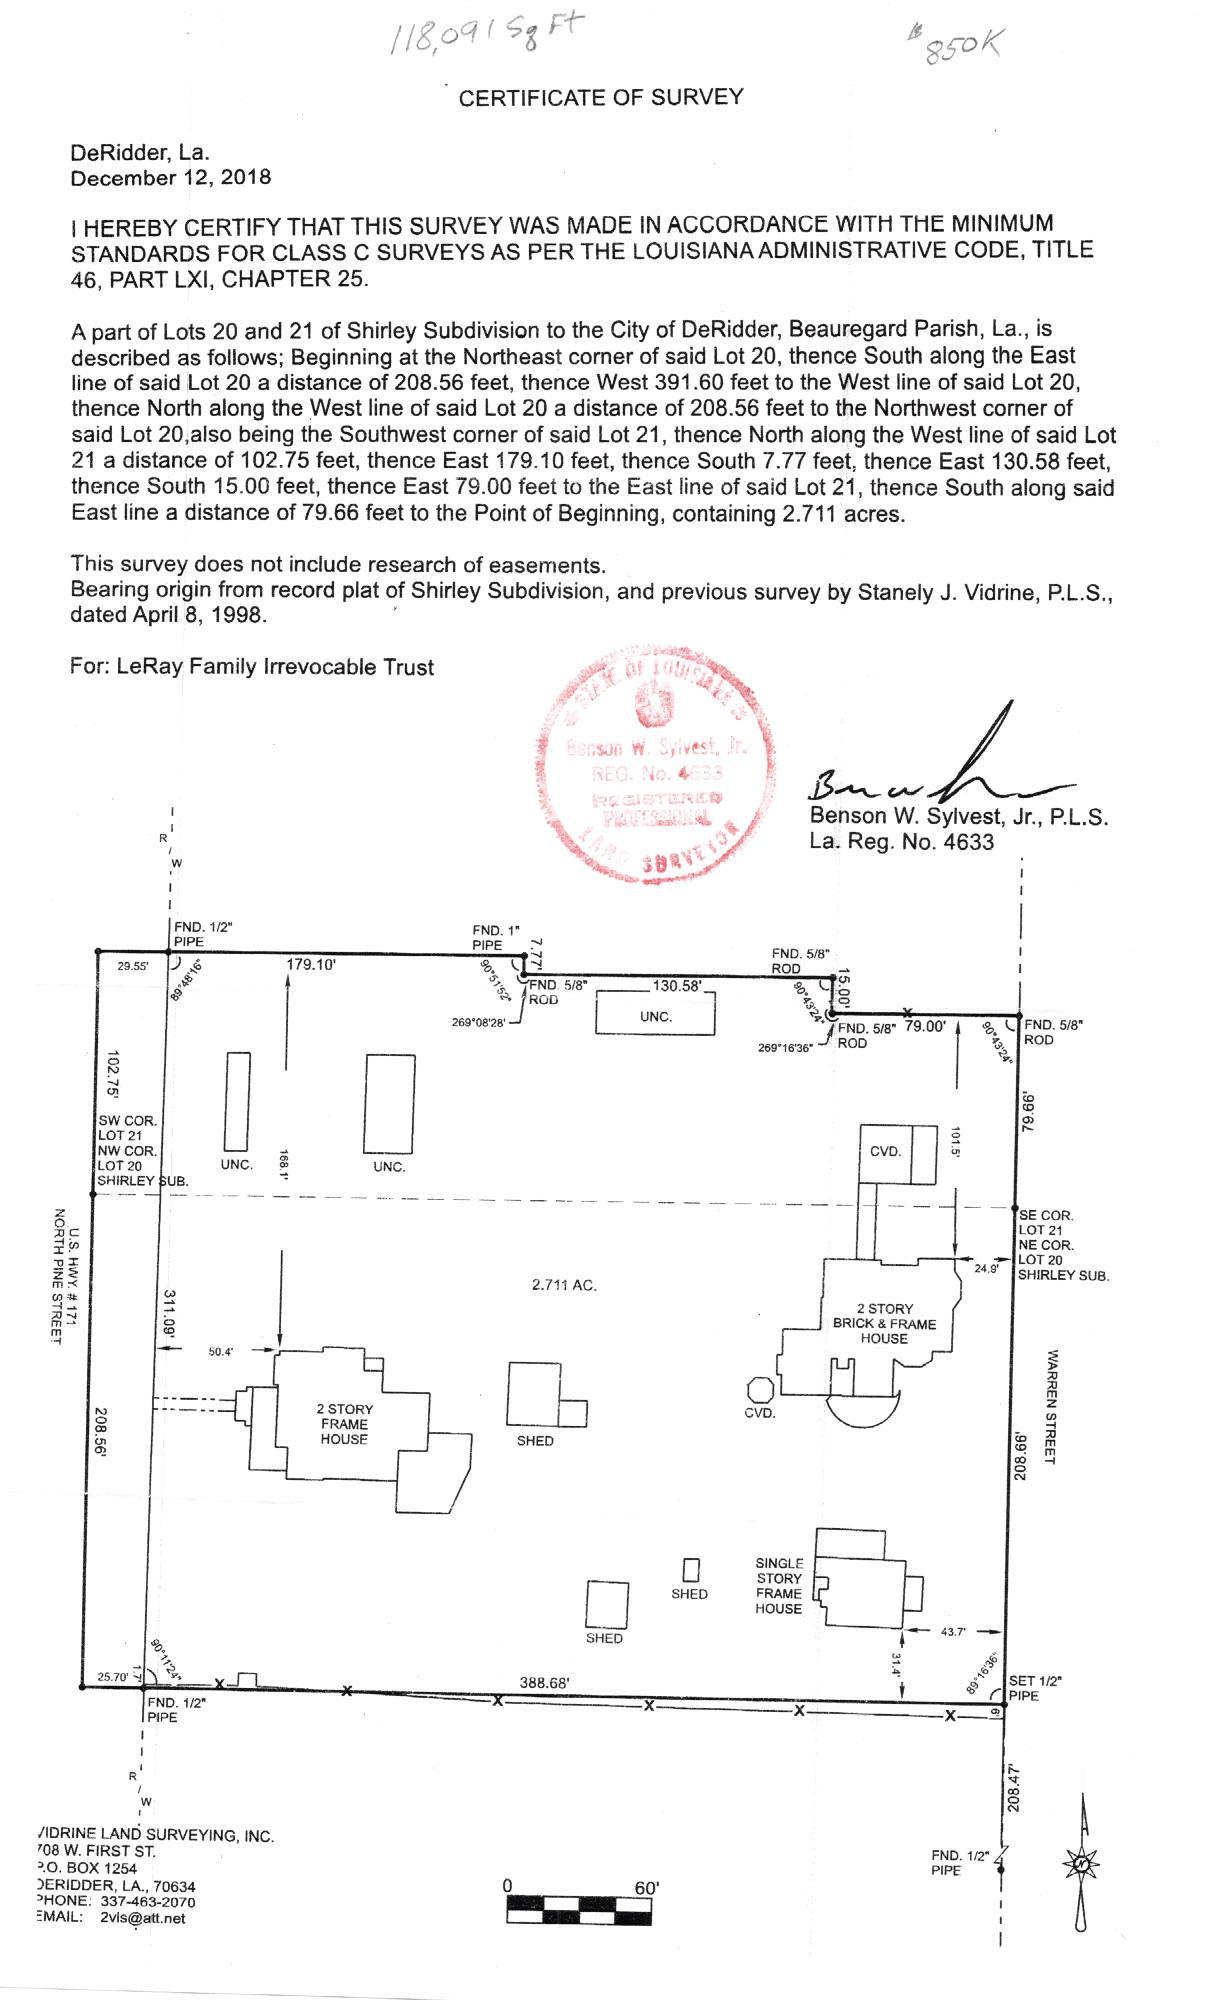 DeRidder commercial property for sale, 426 N PINE ST, DeRidder LA - $850,000